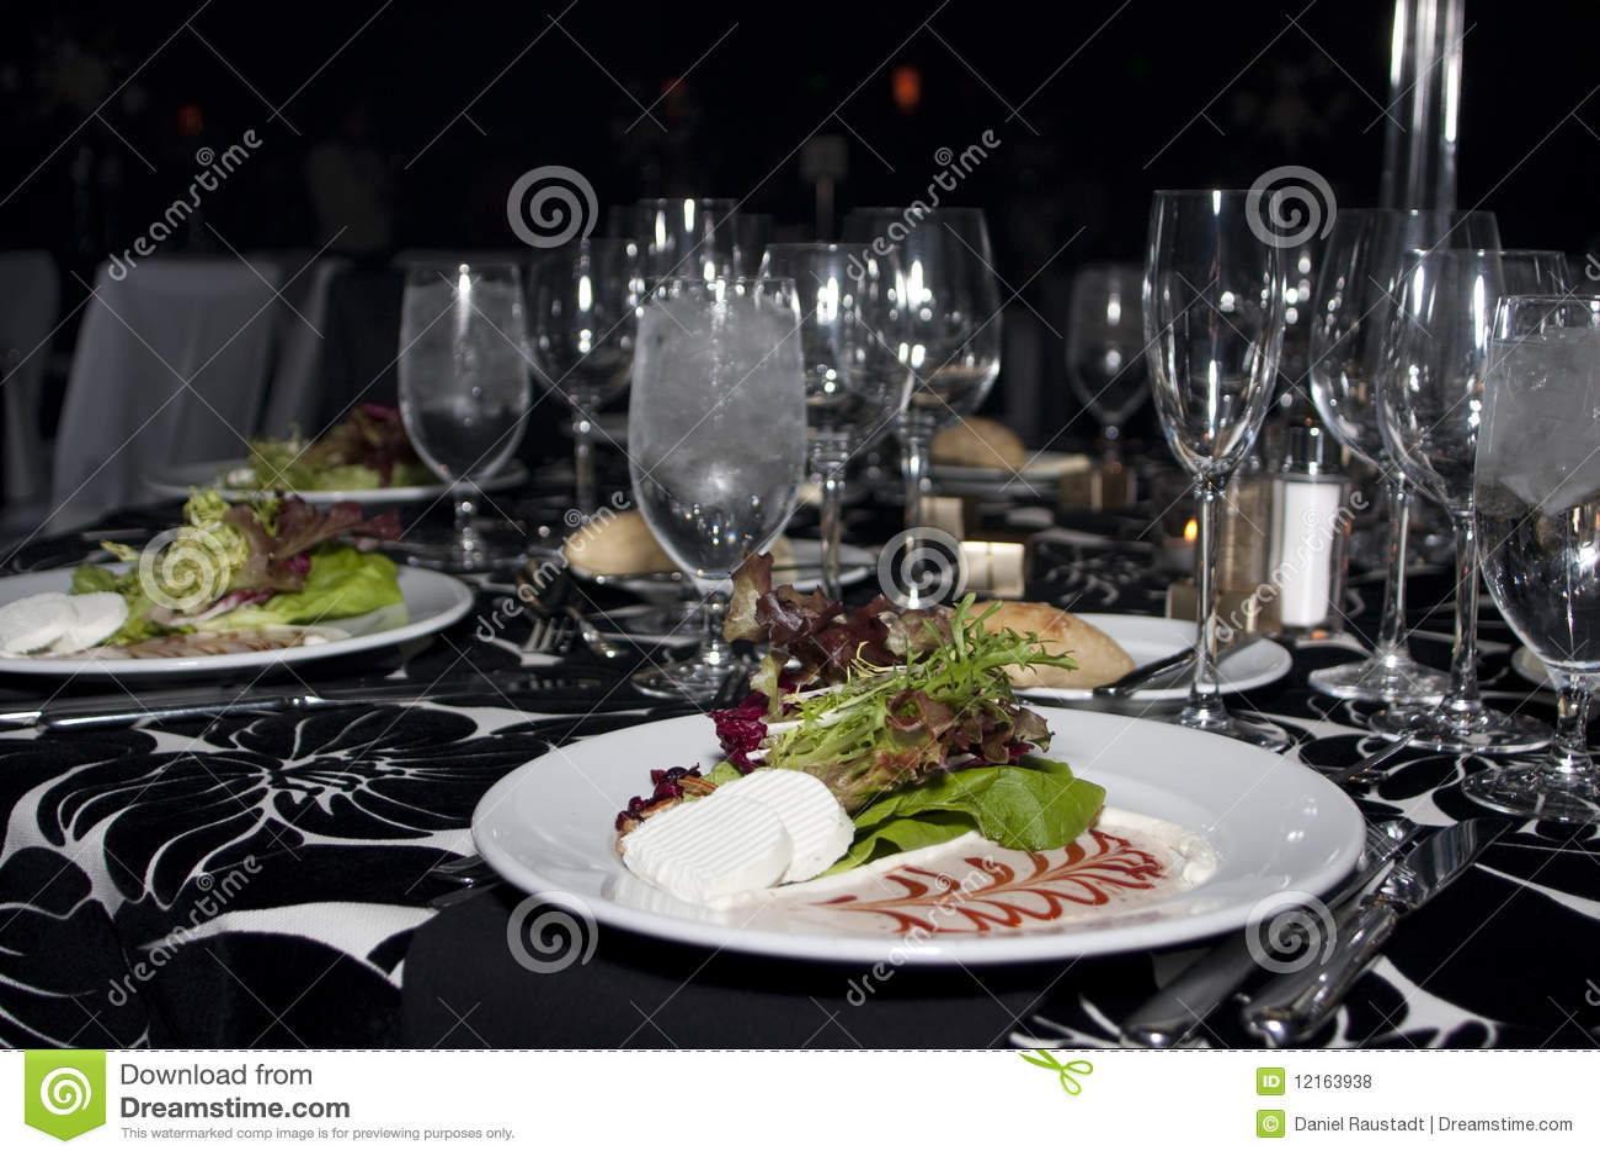 Salade dinante fine de dîner de restaurant